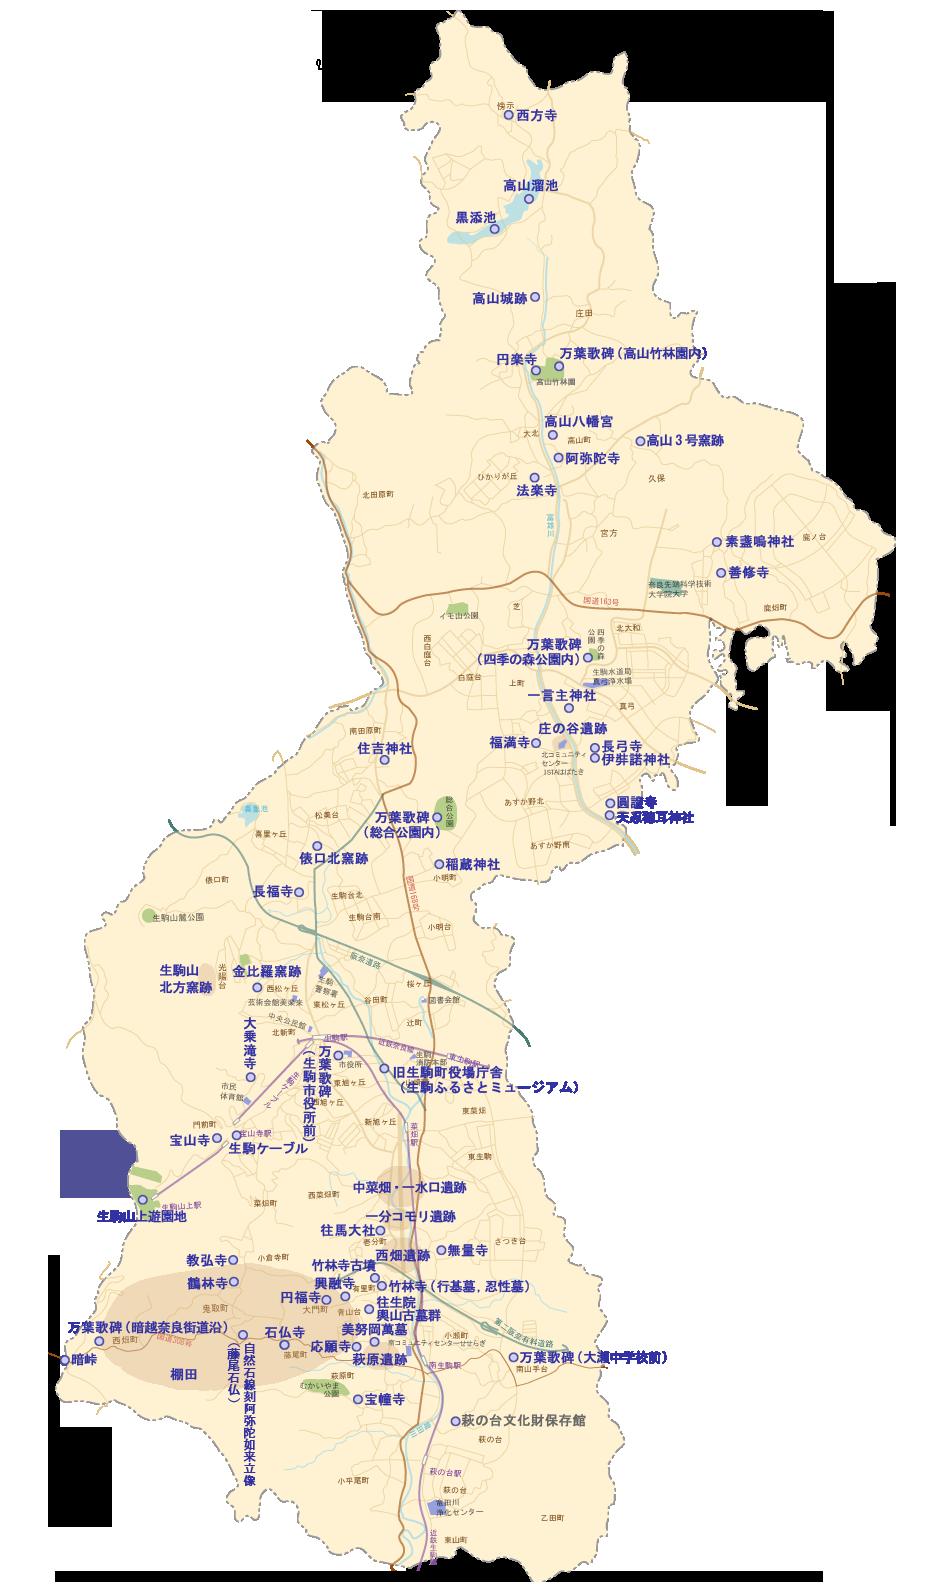 生駒市地図から探す | 生駒市デジタルミュージアム